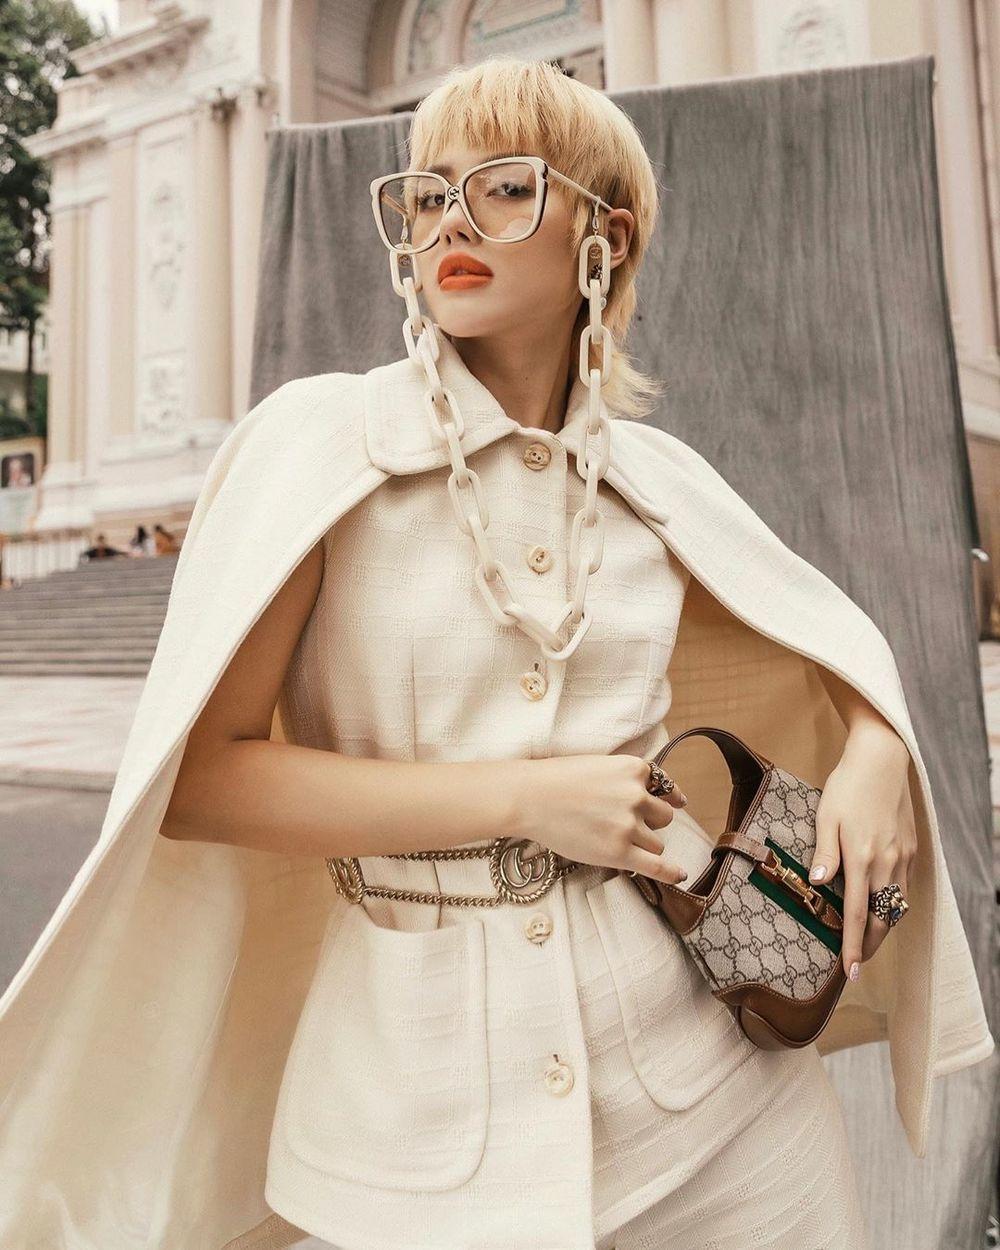 Khánh Linh The Face phá cách với tạo hình mới, bộ cánh hơi hướng quý cô châu Âu cùng màu tóc vàng khiến người đẹp nổi bật giữa phố. (Ảnh: FBNV)